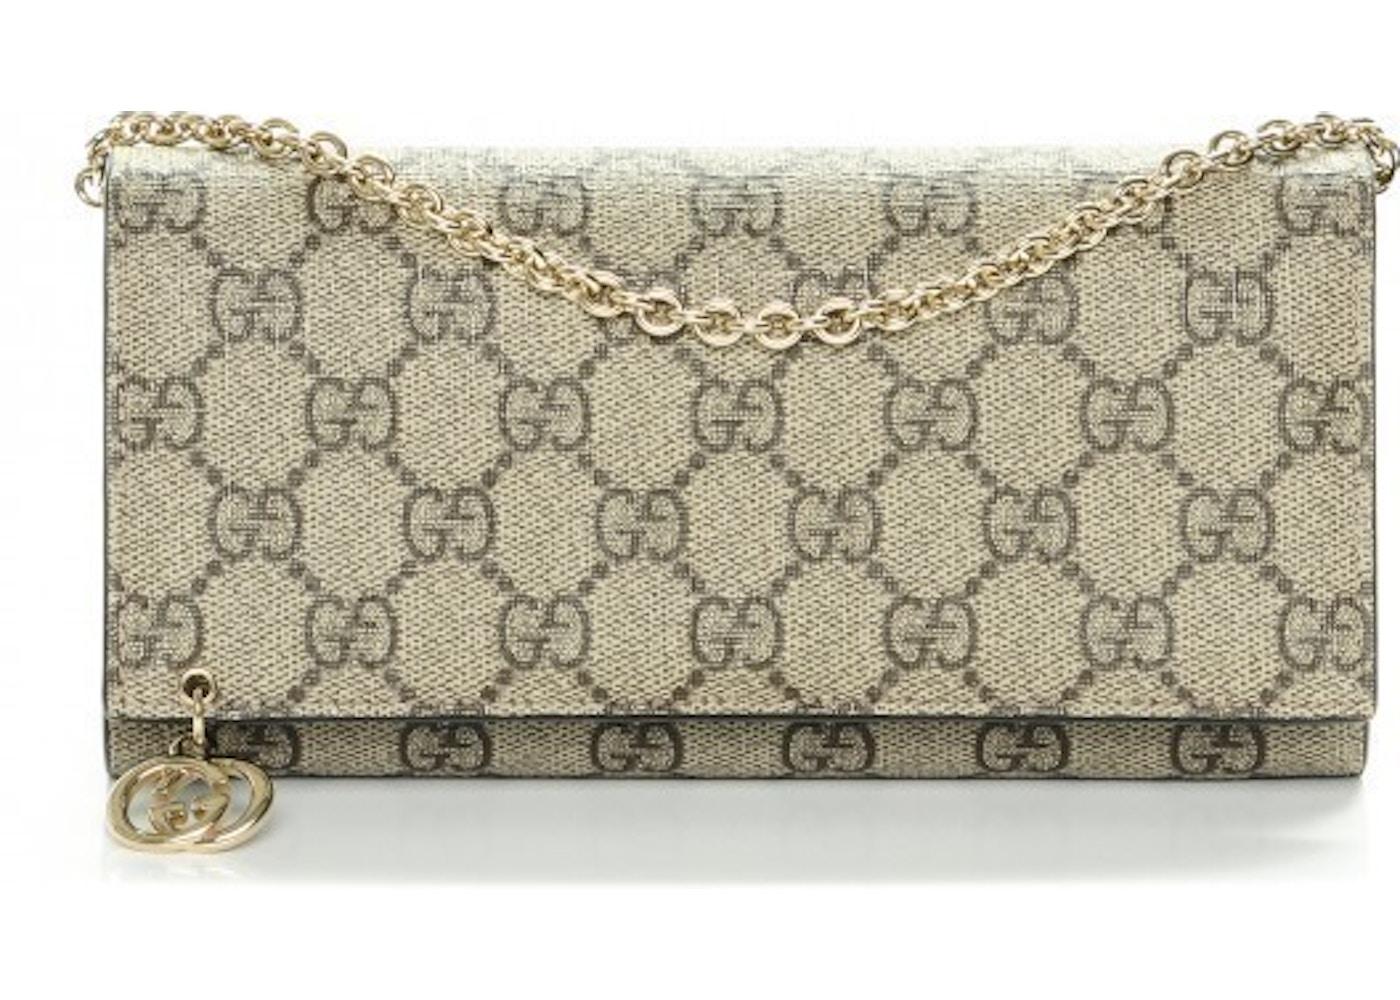 c200d218a28c Gucci Chain Wallet Clutch Monogram GG Beige. Monogram GG Beige